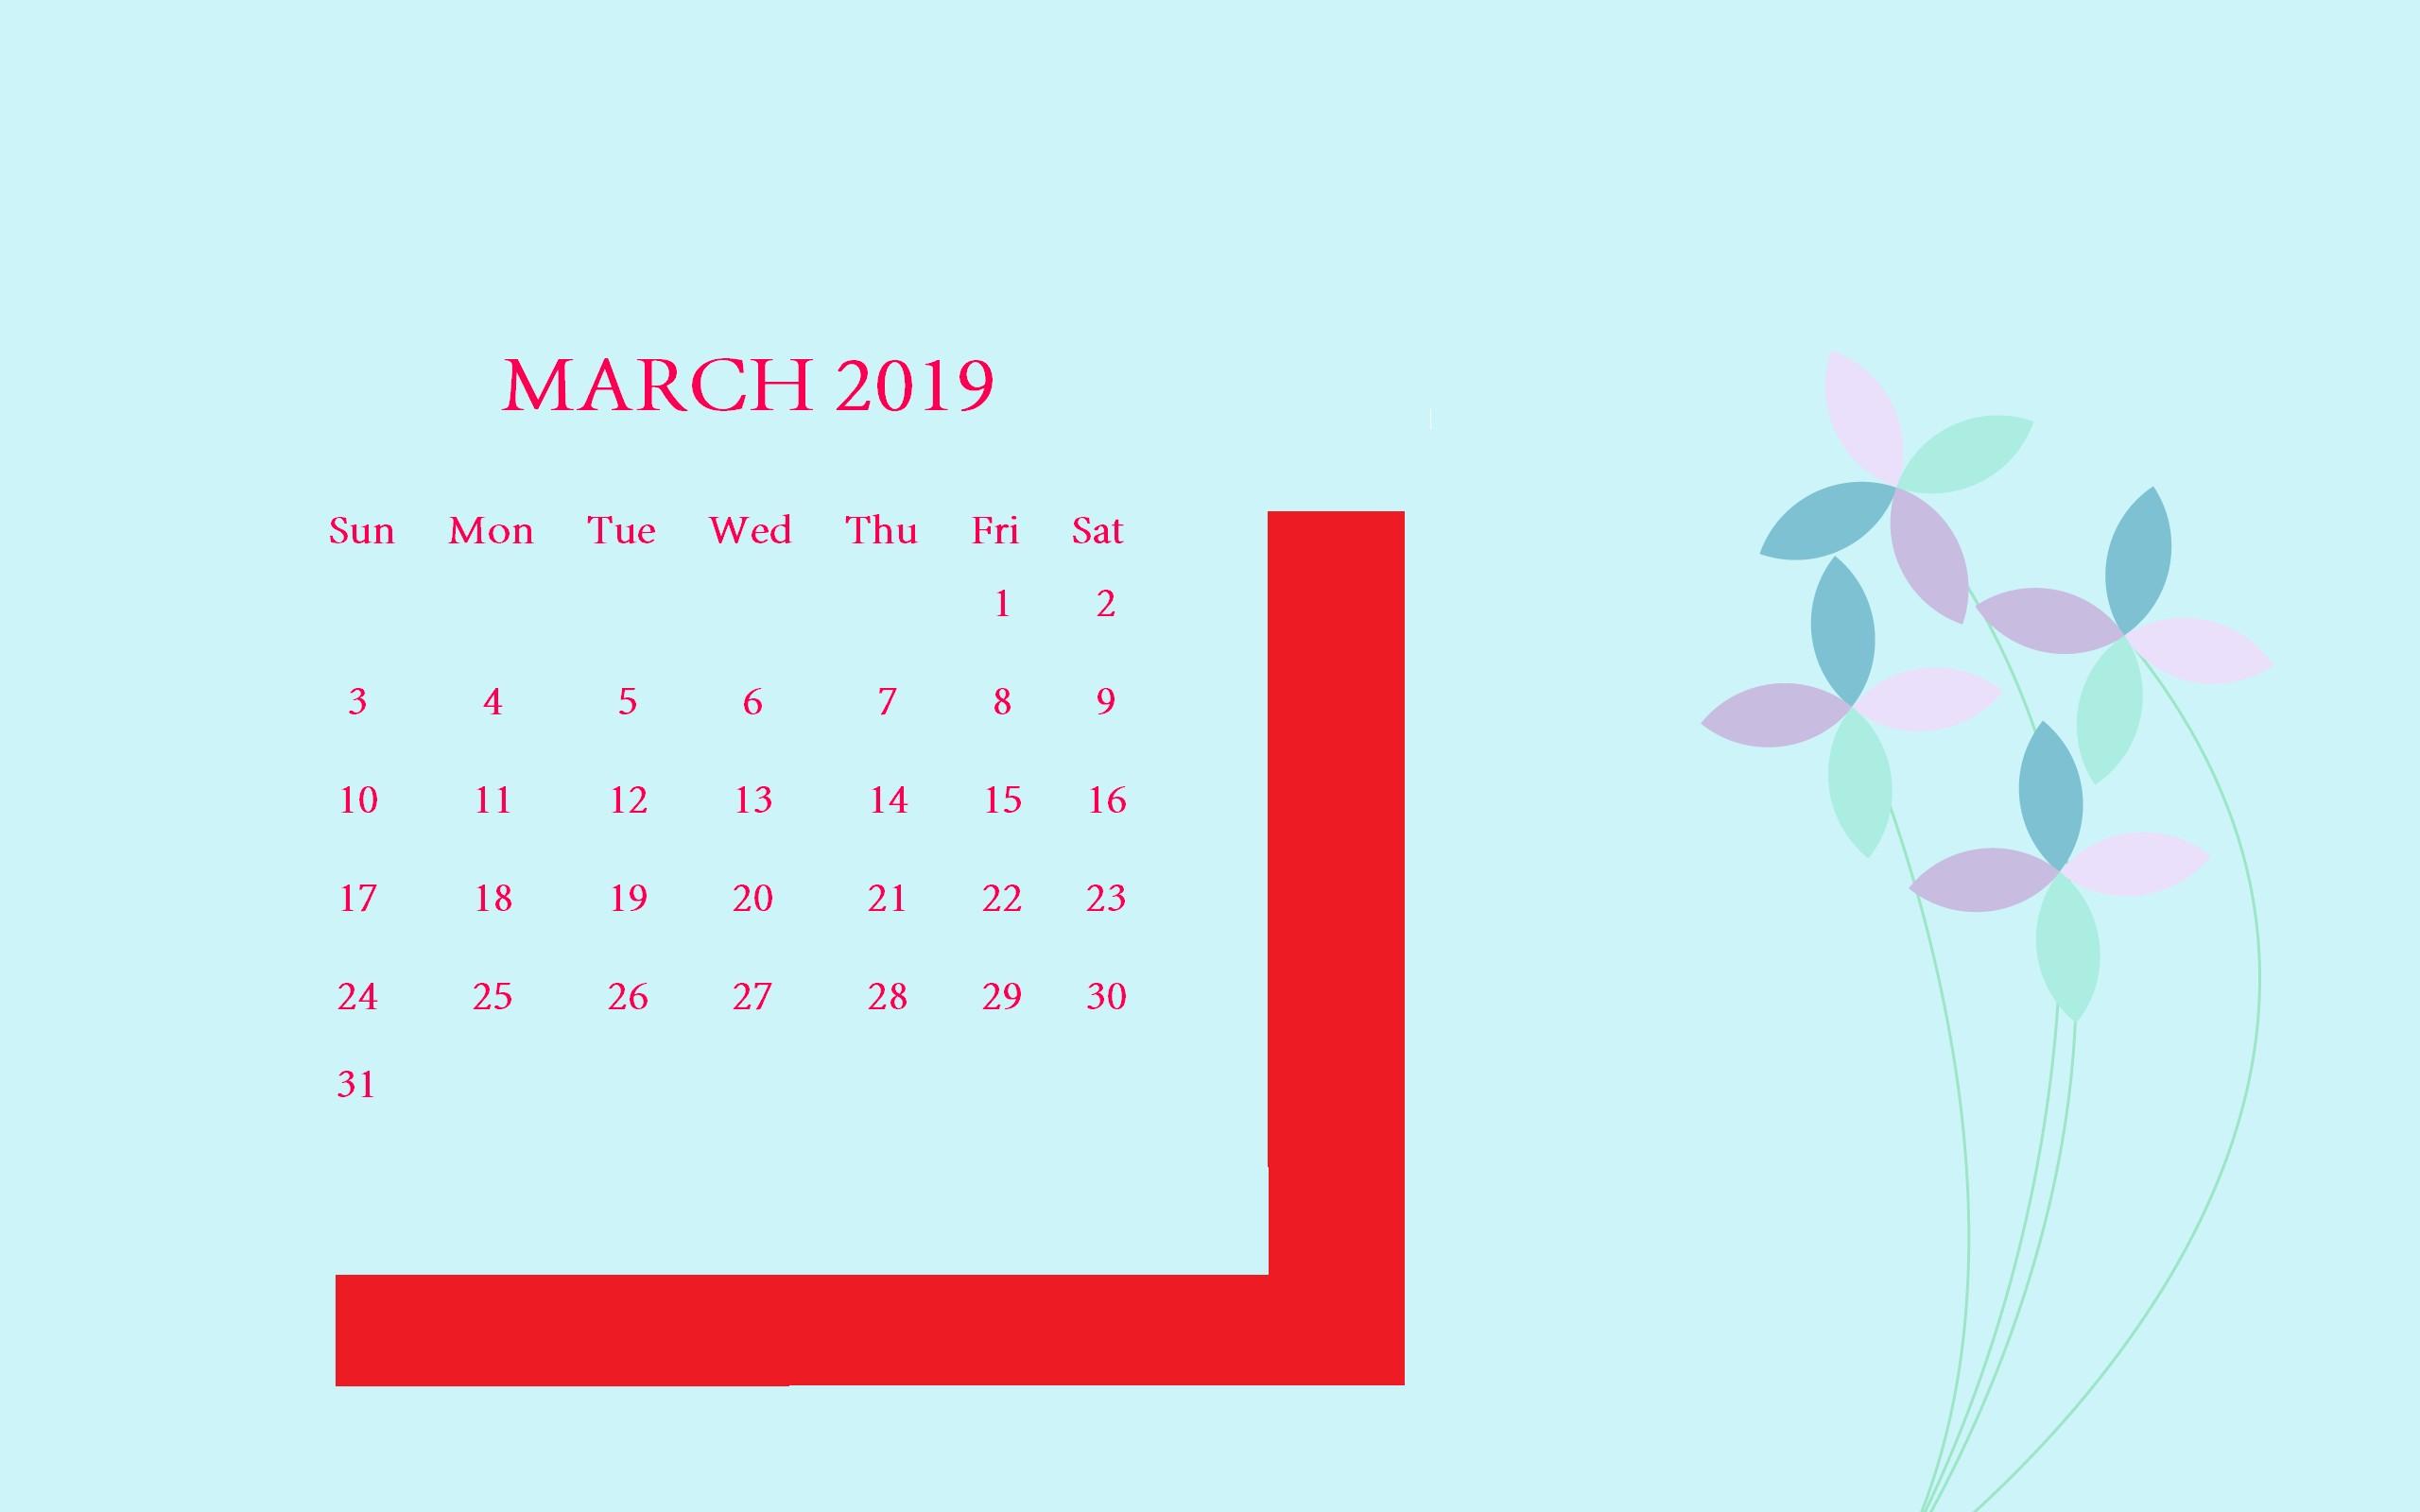 March Calendar Clip Art Más Recientemente Liberado Flowers March 2019 Desktop Calendar March March2019 Of March Calendar Clip Art Más Arriba-a-fecha Luxury Employee Schedule Template Excel